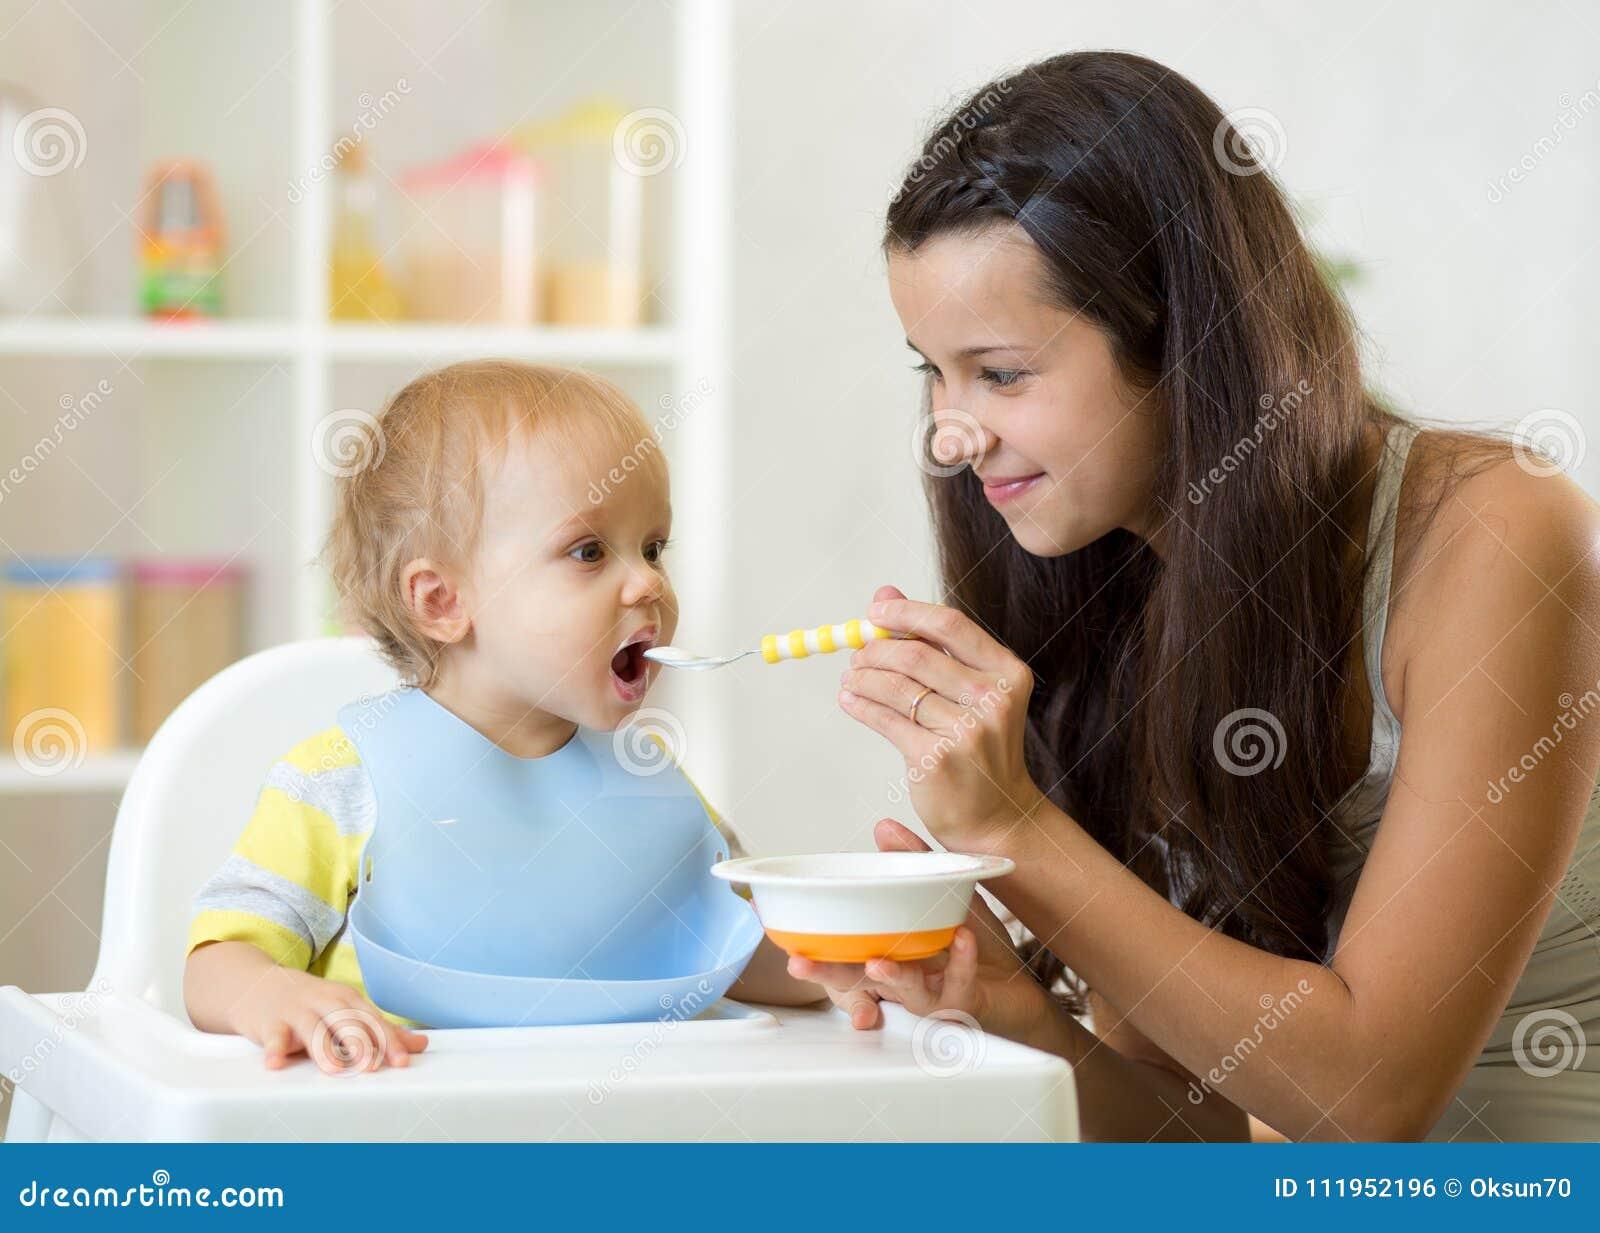 cuando se les da de comer a los bebes